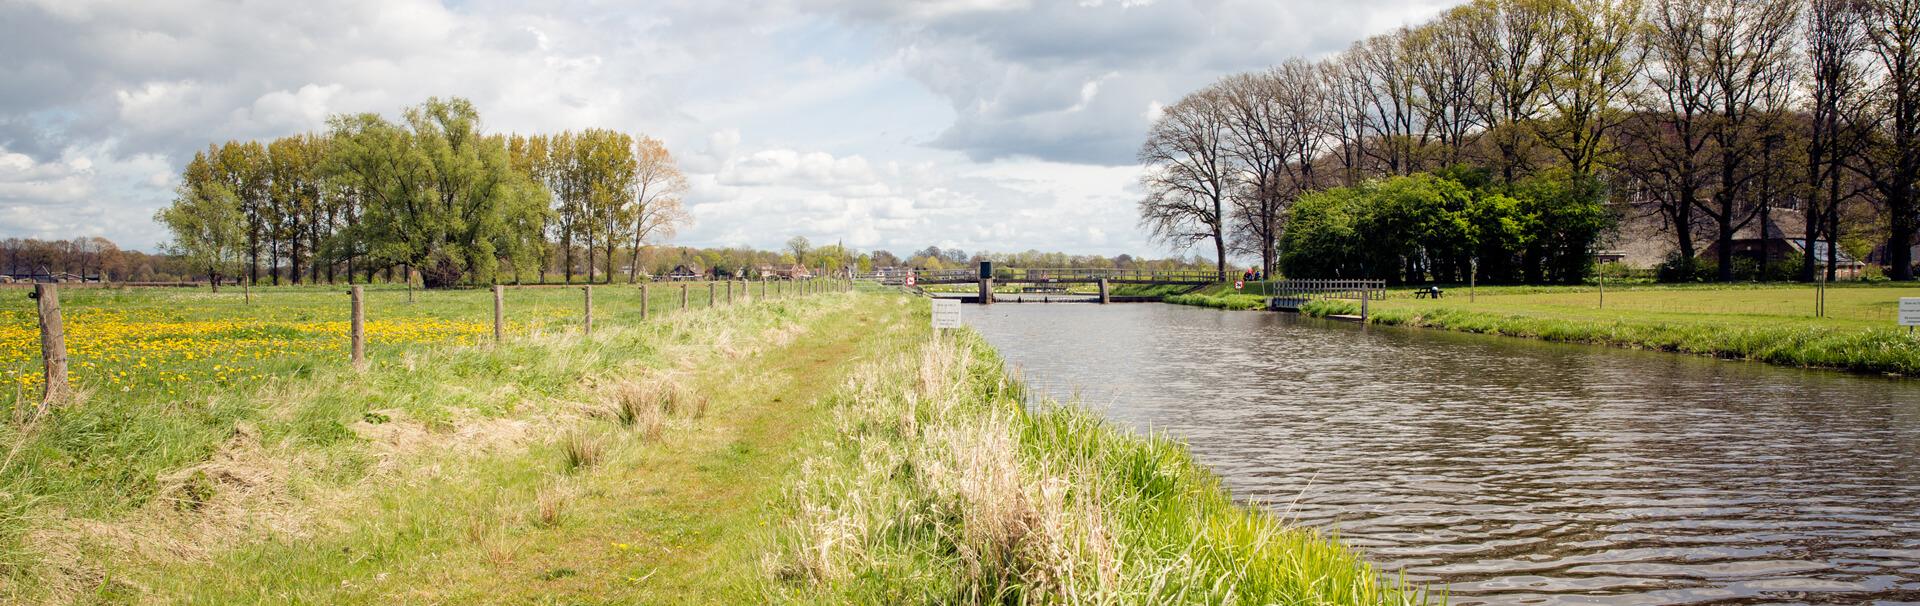 Uitzicht op Almen en de rivier de Berkel.